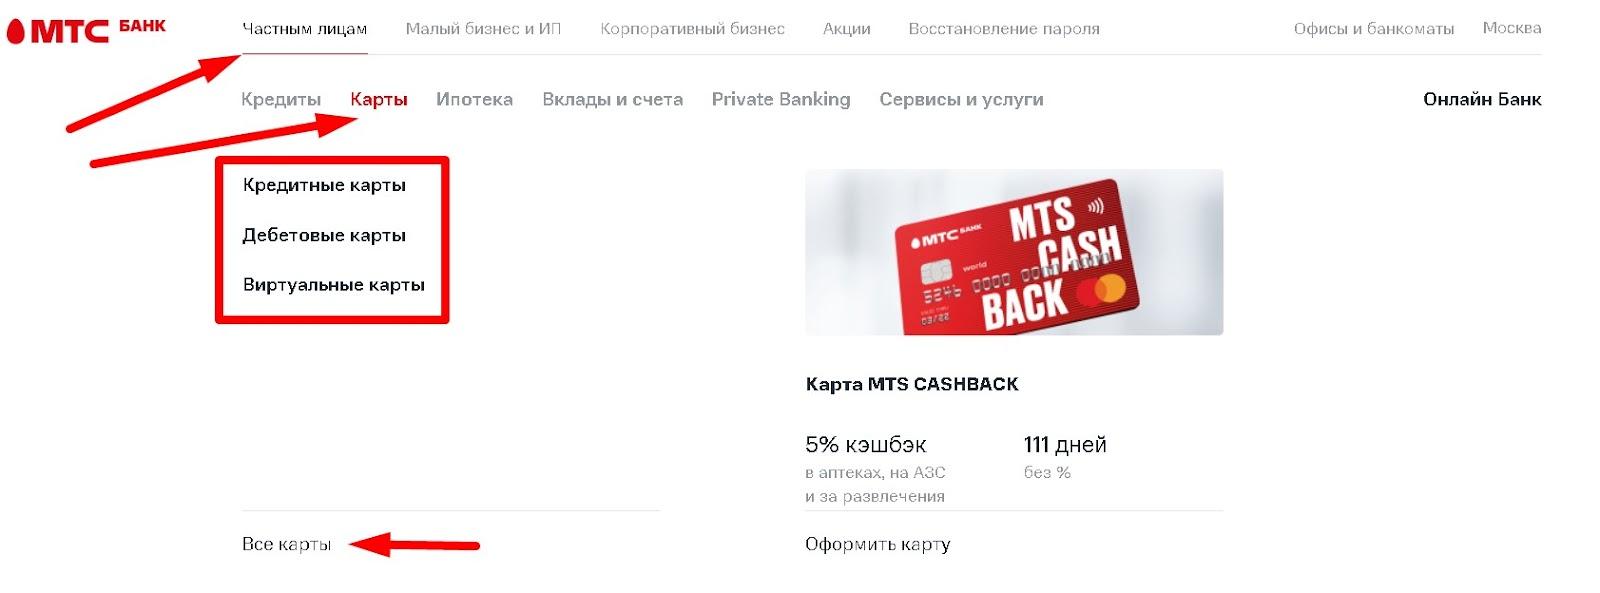 Кредитная карта МТС Банка: онлайн оформление кредитных карт без справок о доходах c льготным периодом и кэшбеком